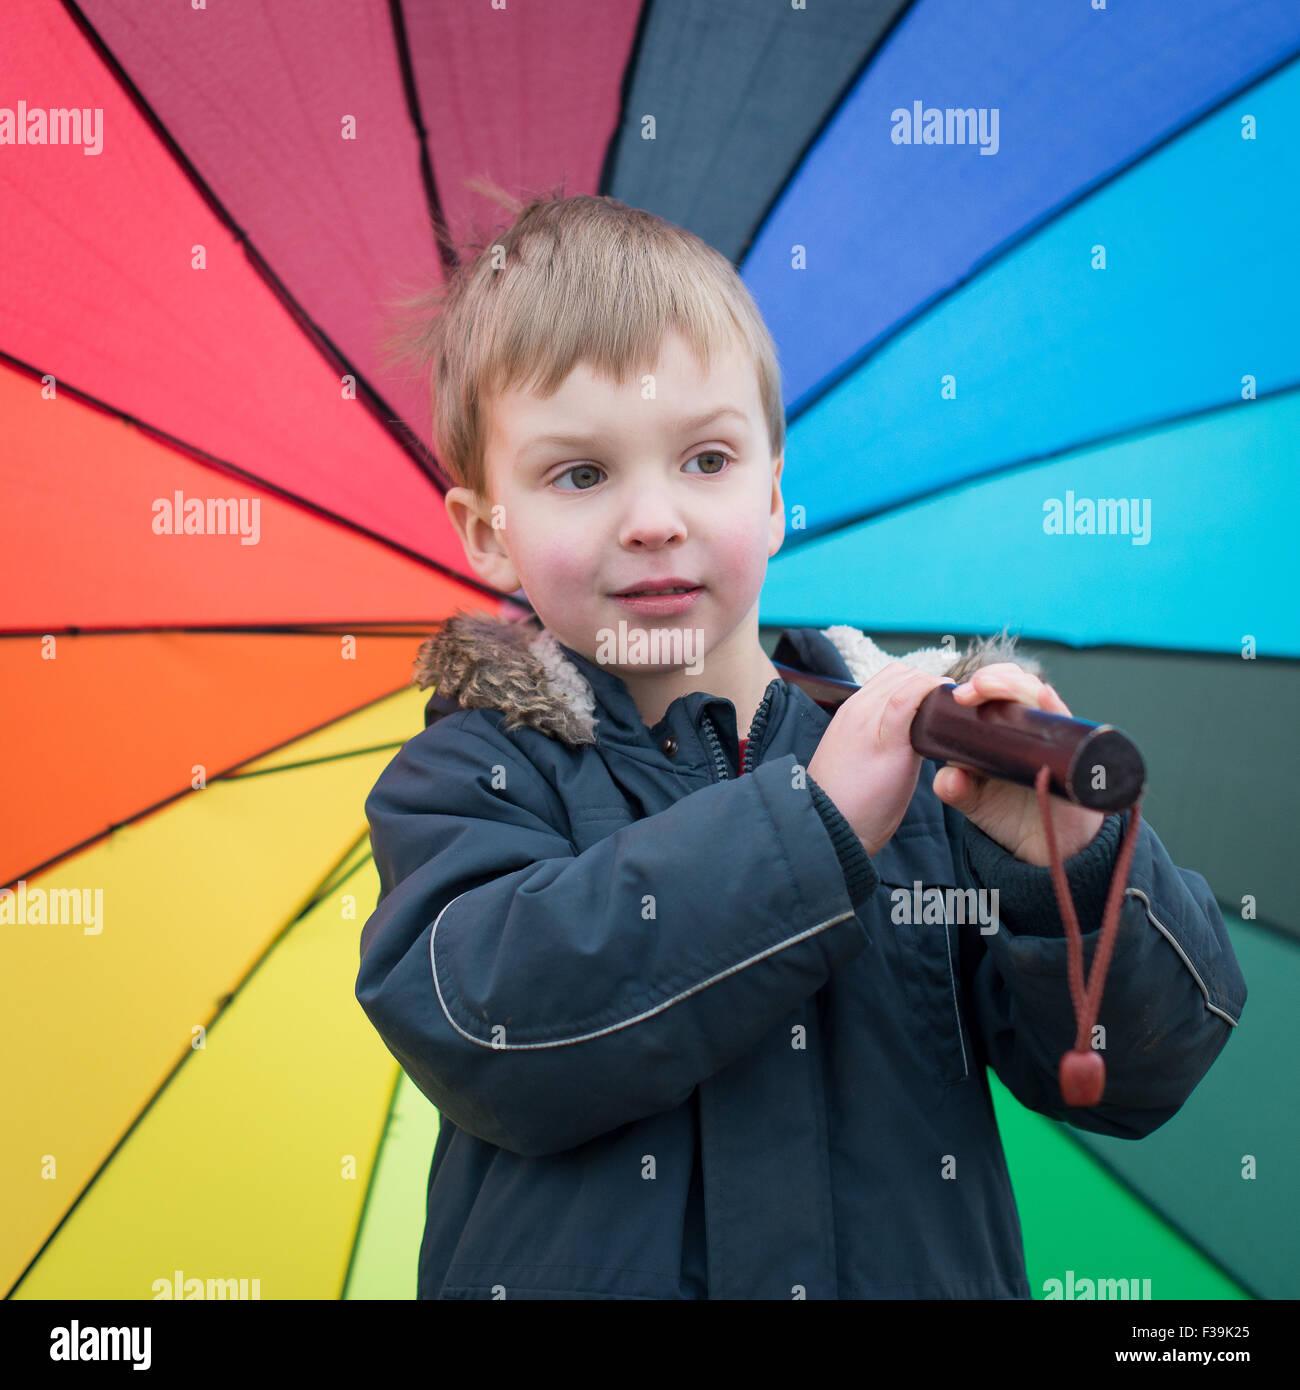 Boy carrying rainbow parapluie de couleur Photo Stock